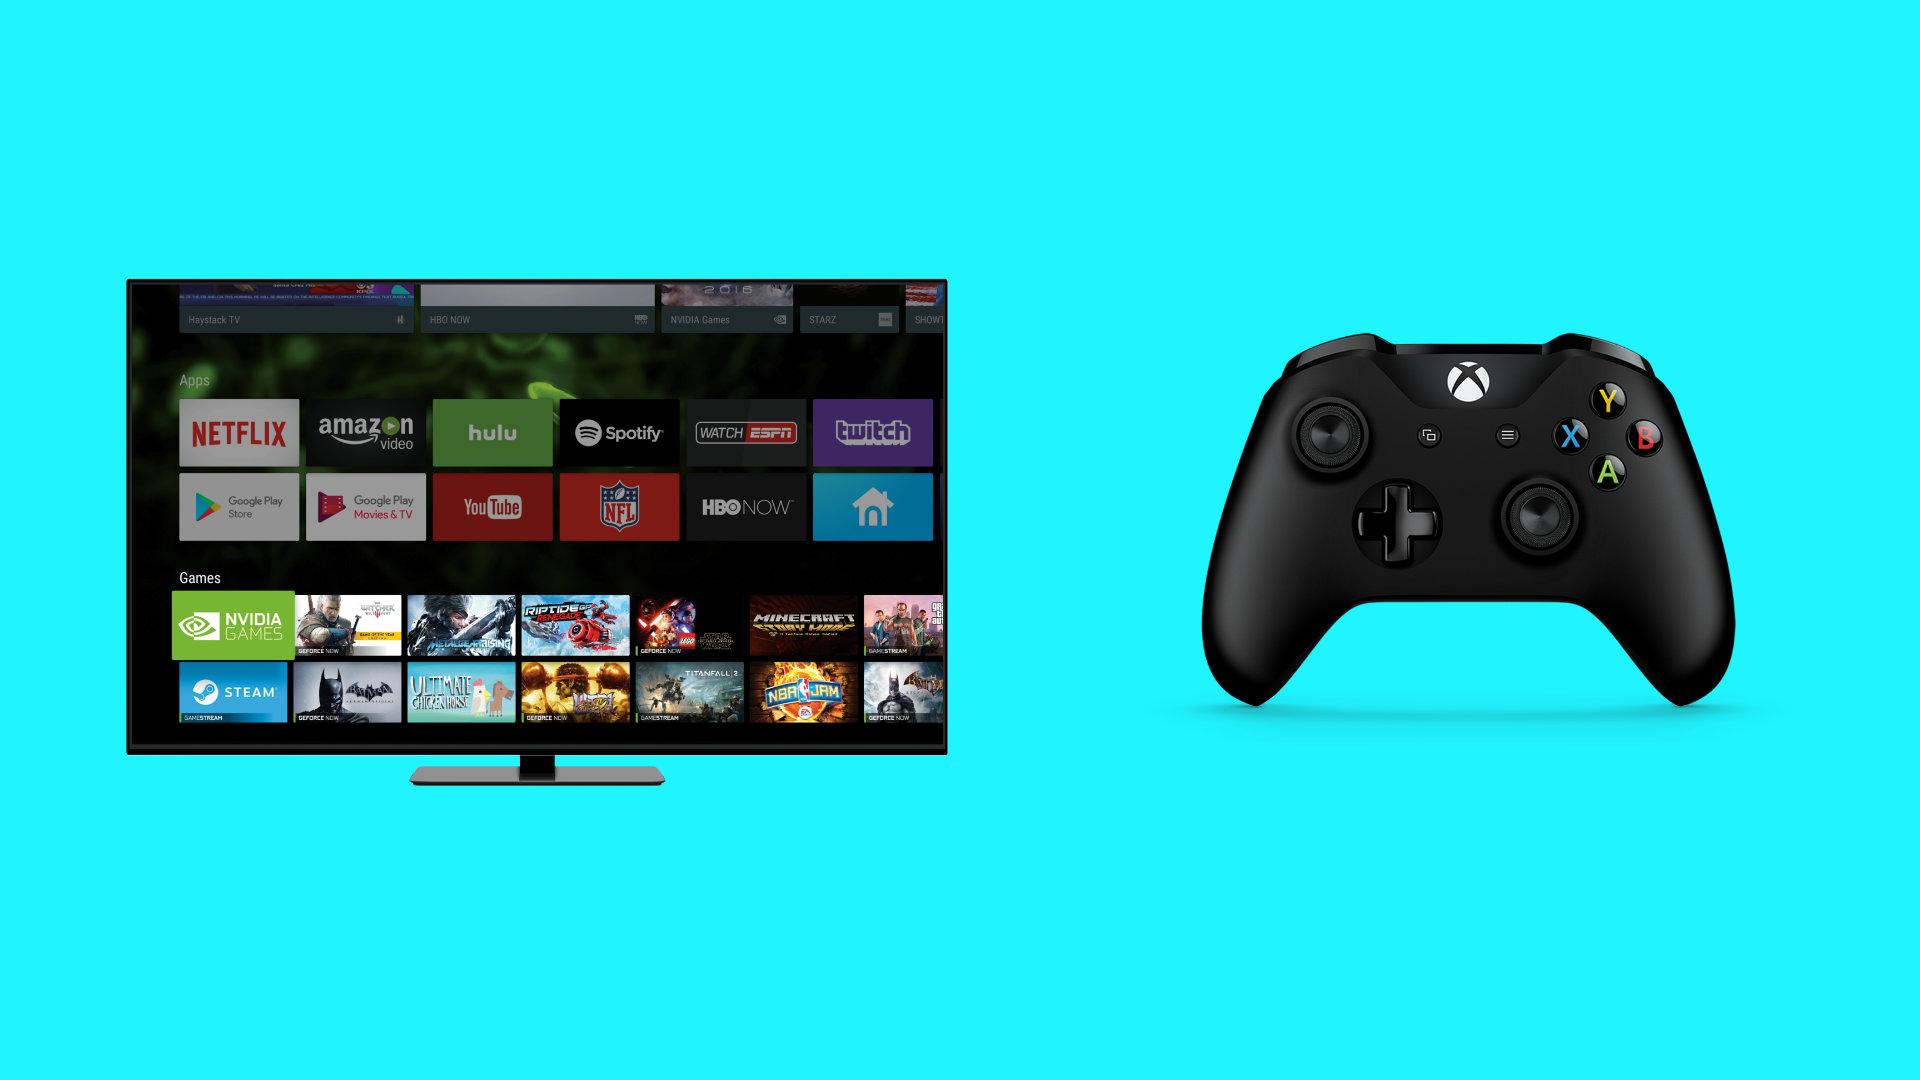 xCloud : comment jouer au Xbox Game Pass sur Android TV grâce au cloud gaming